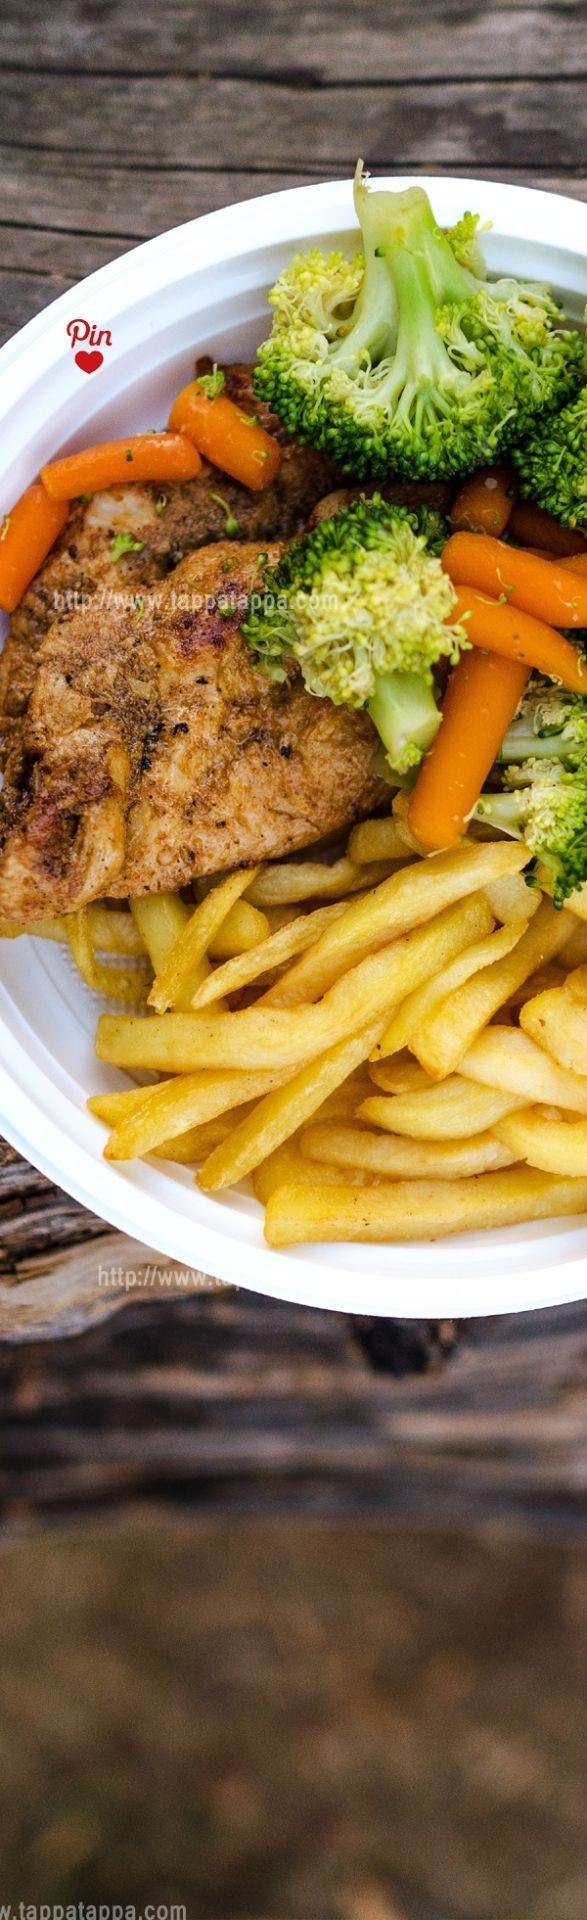 Sheet Pan Chicken mit geröstetem Brokkoli und Kartoffeln Hähnchenschenkel sind eine Fantasie ...    #Brokkoli #Chicken #eine #Fantasie #geröstetem #Hähnchenschenkel #Kartoffeln #mit #Pan #Sheet #sind #und #onepanchicken